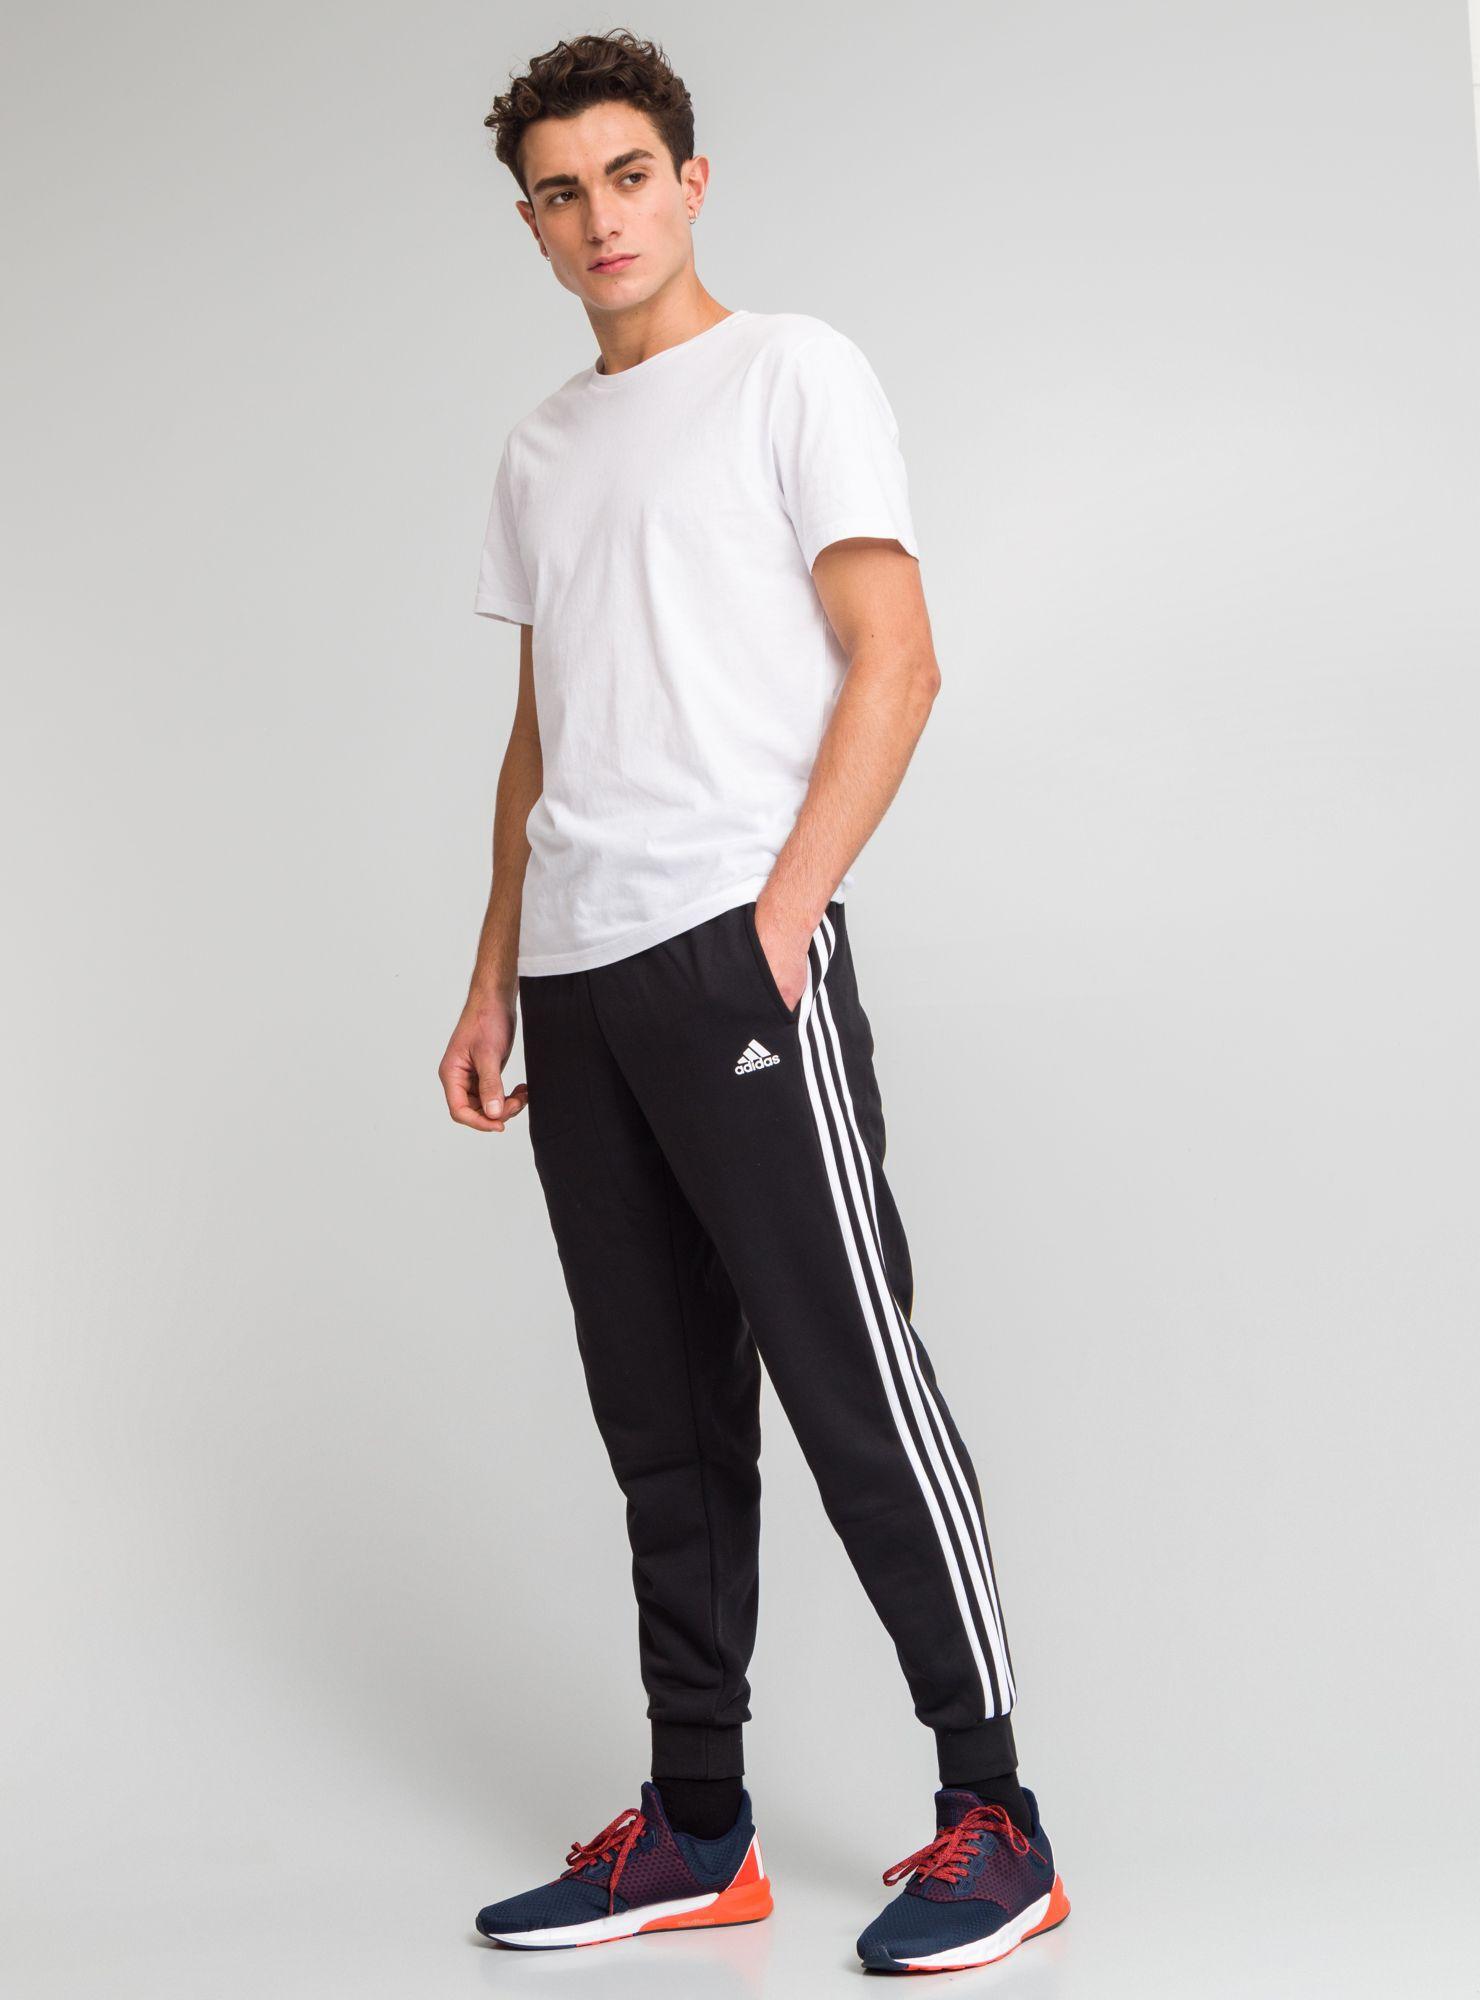 Para Con Comodidad Pantalones Entrenar Y Paris Buzos cl 7nx7FBqHw